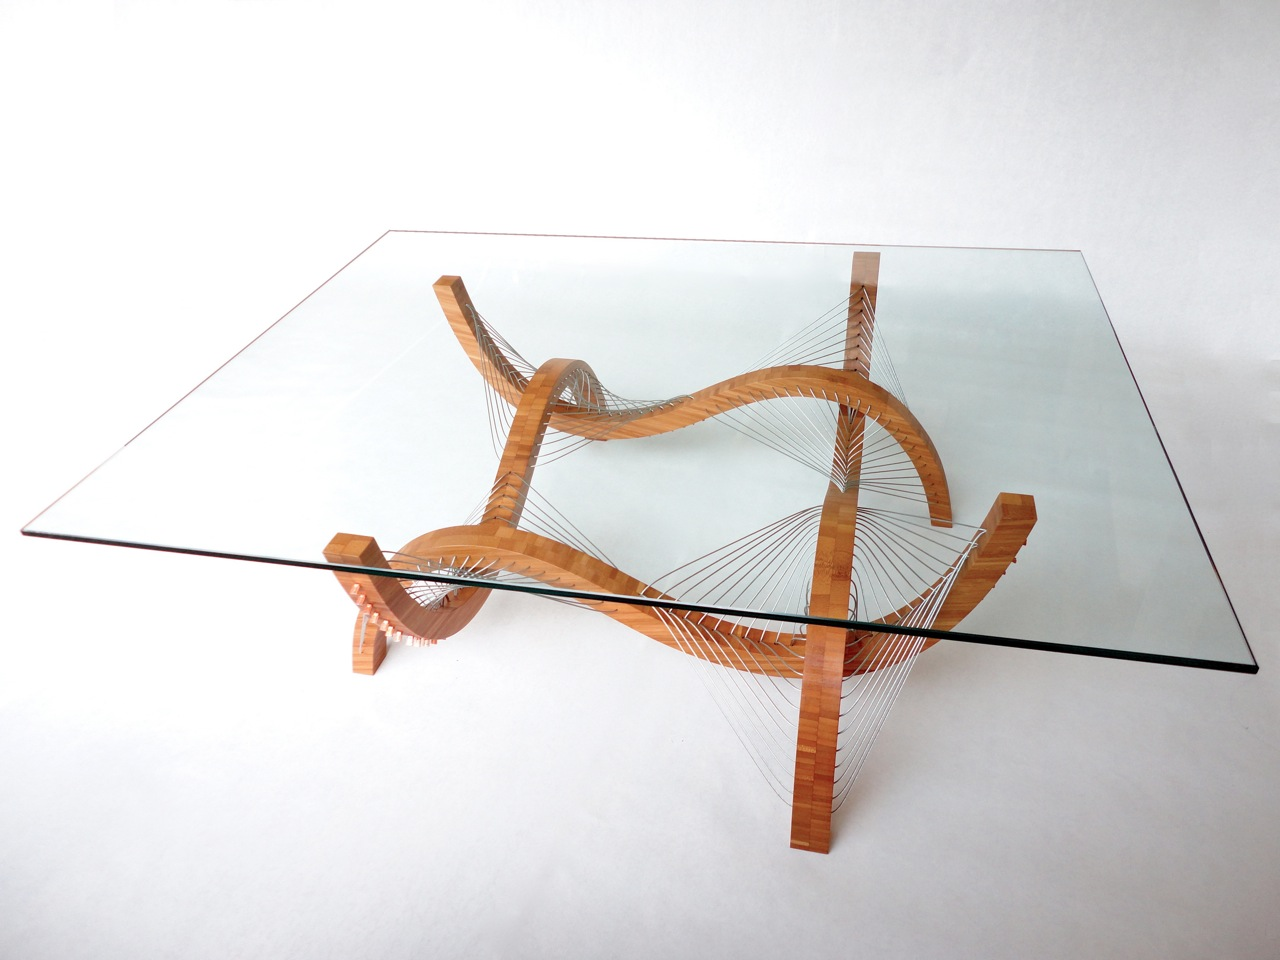 Когда мостовик решил заняться мебелью